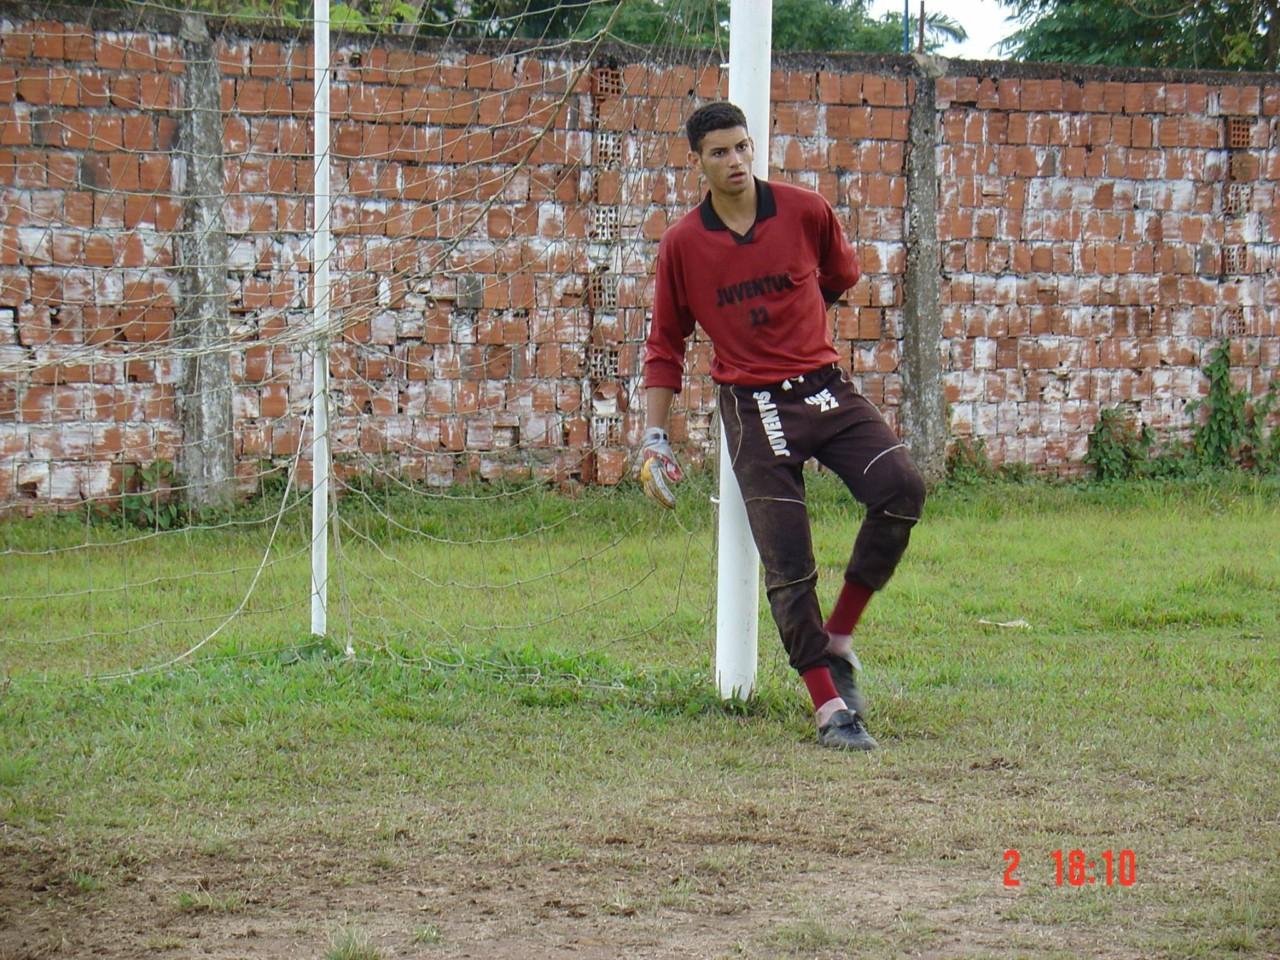 Weverton no Juventus, do Acre: do ataque para o gol - Manoel Façanha/Arquivo Pessoal